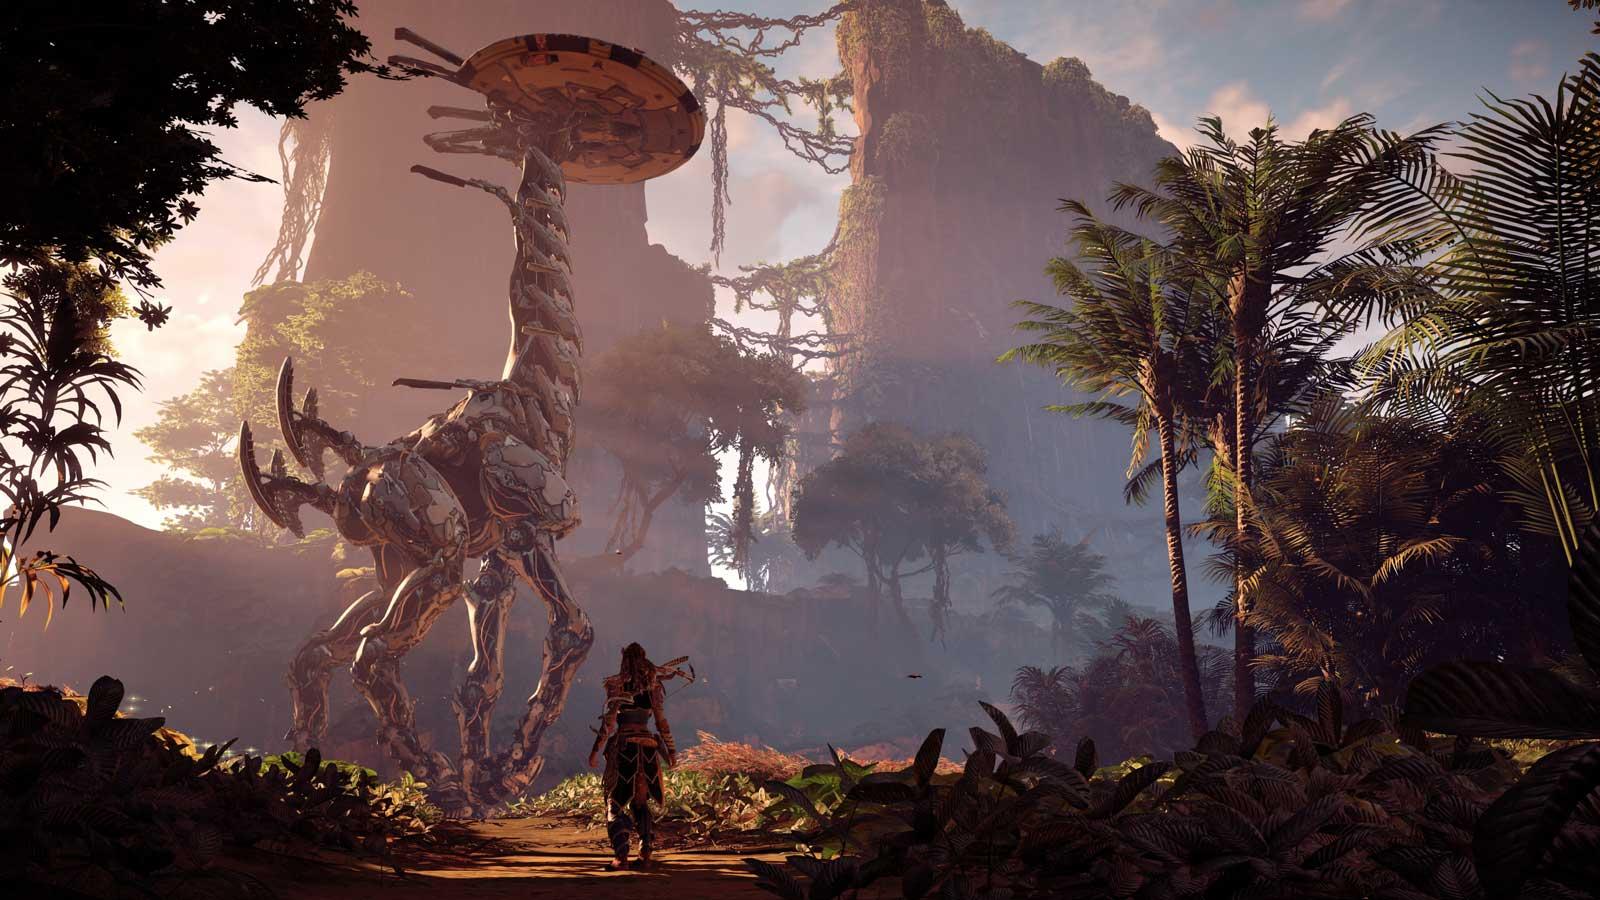 Un aperçu de Horizon: Zero Dawn sur PS4Pro (voir l'image 4K).